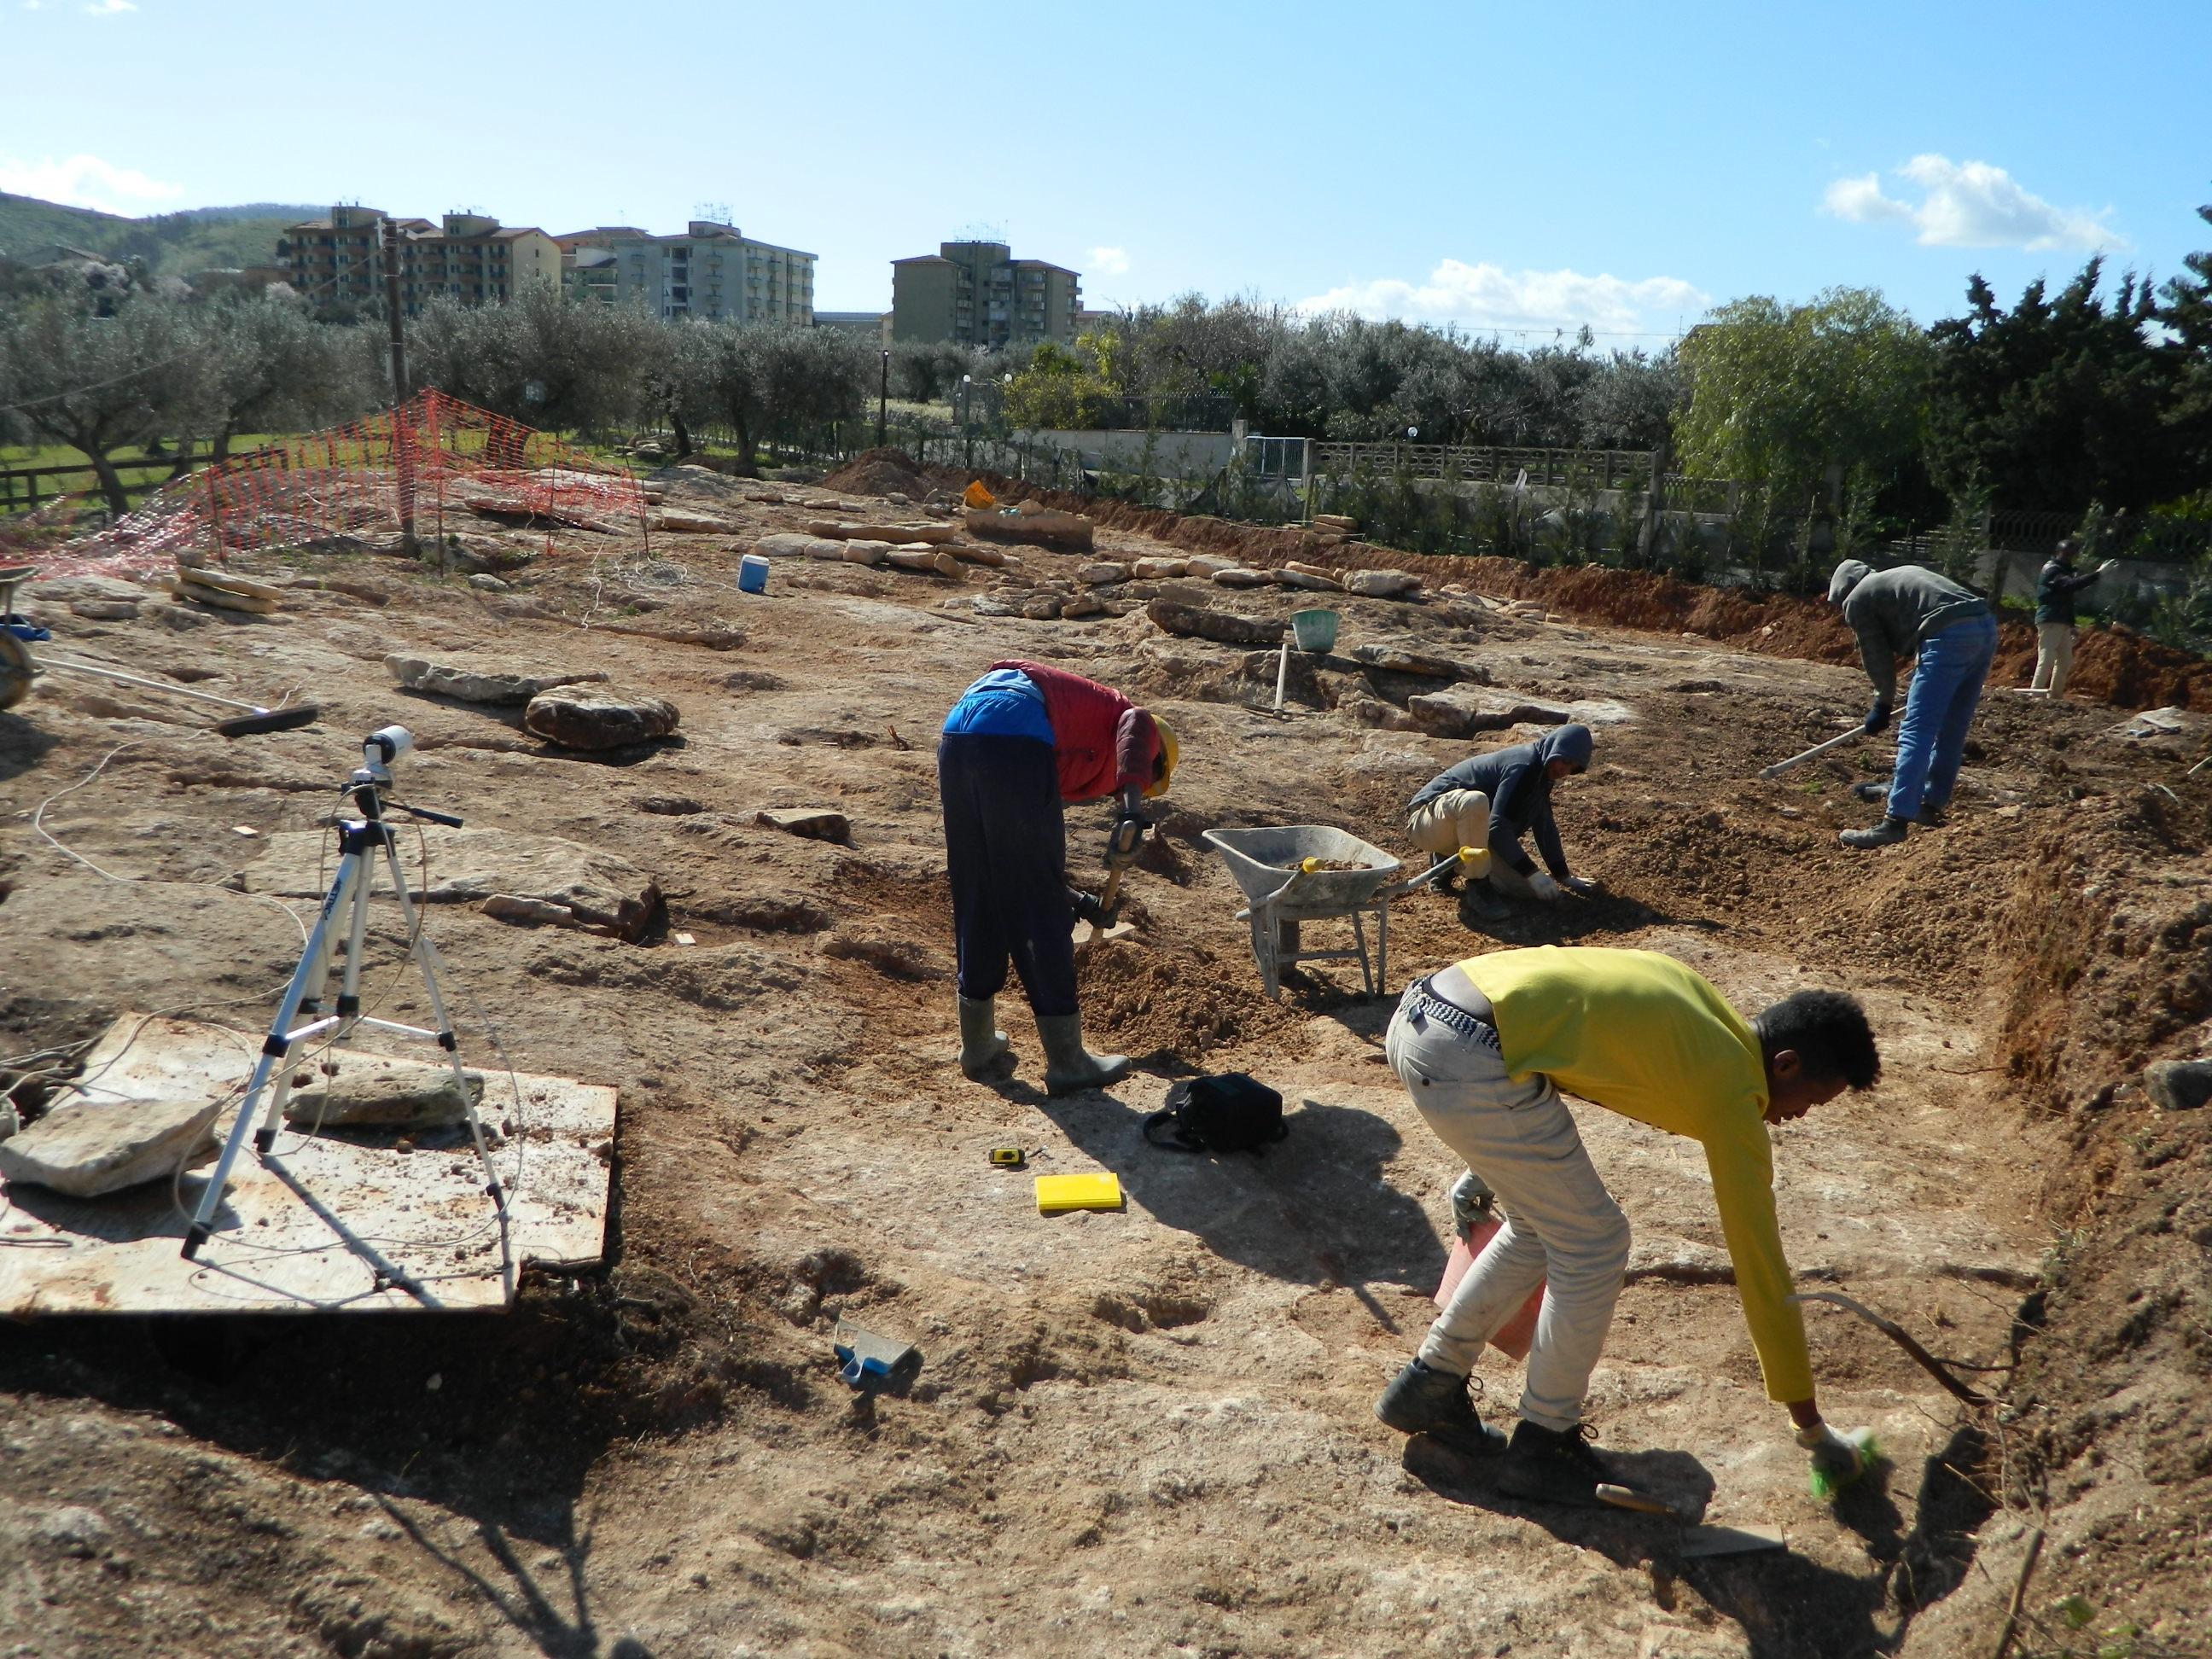 Lavoro A Chiaramonte Gulfi chiaramonte gulfi (rg): scoperta necropoli, allo scavo